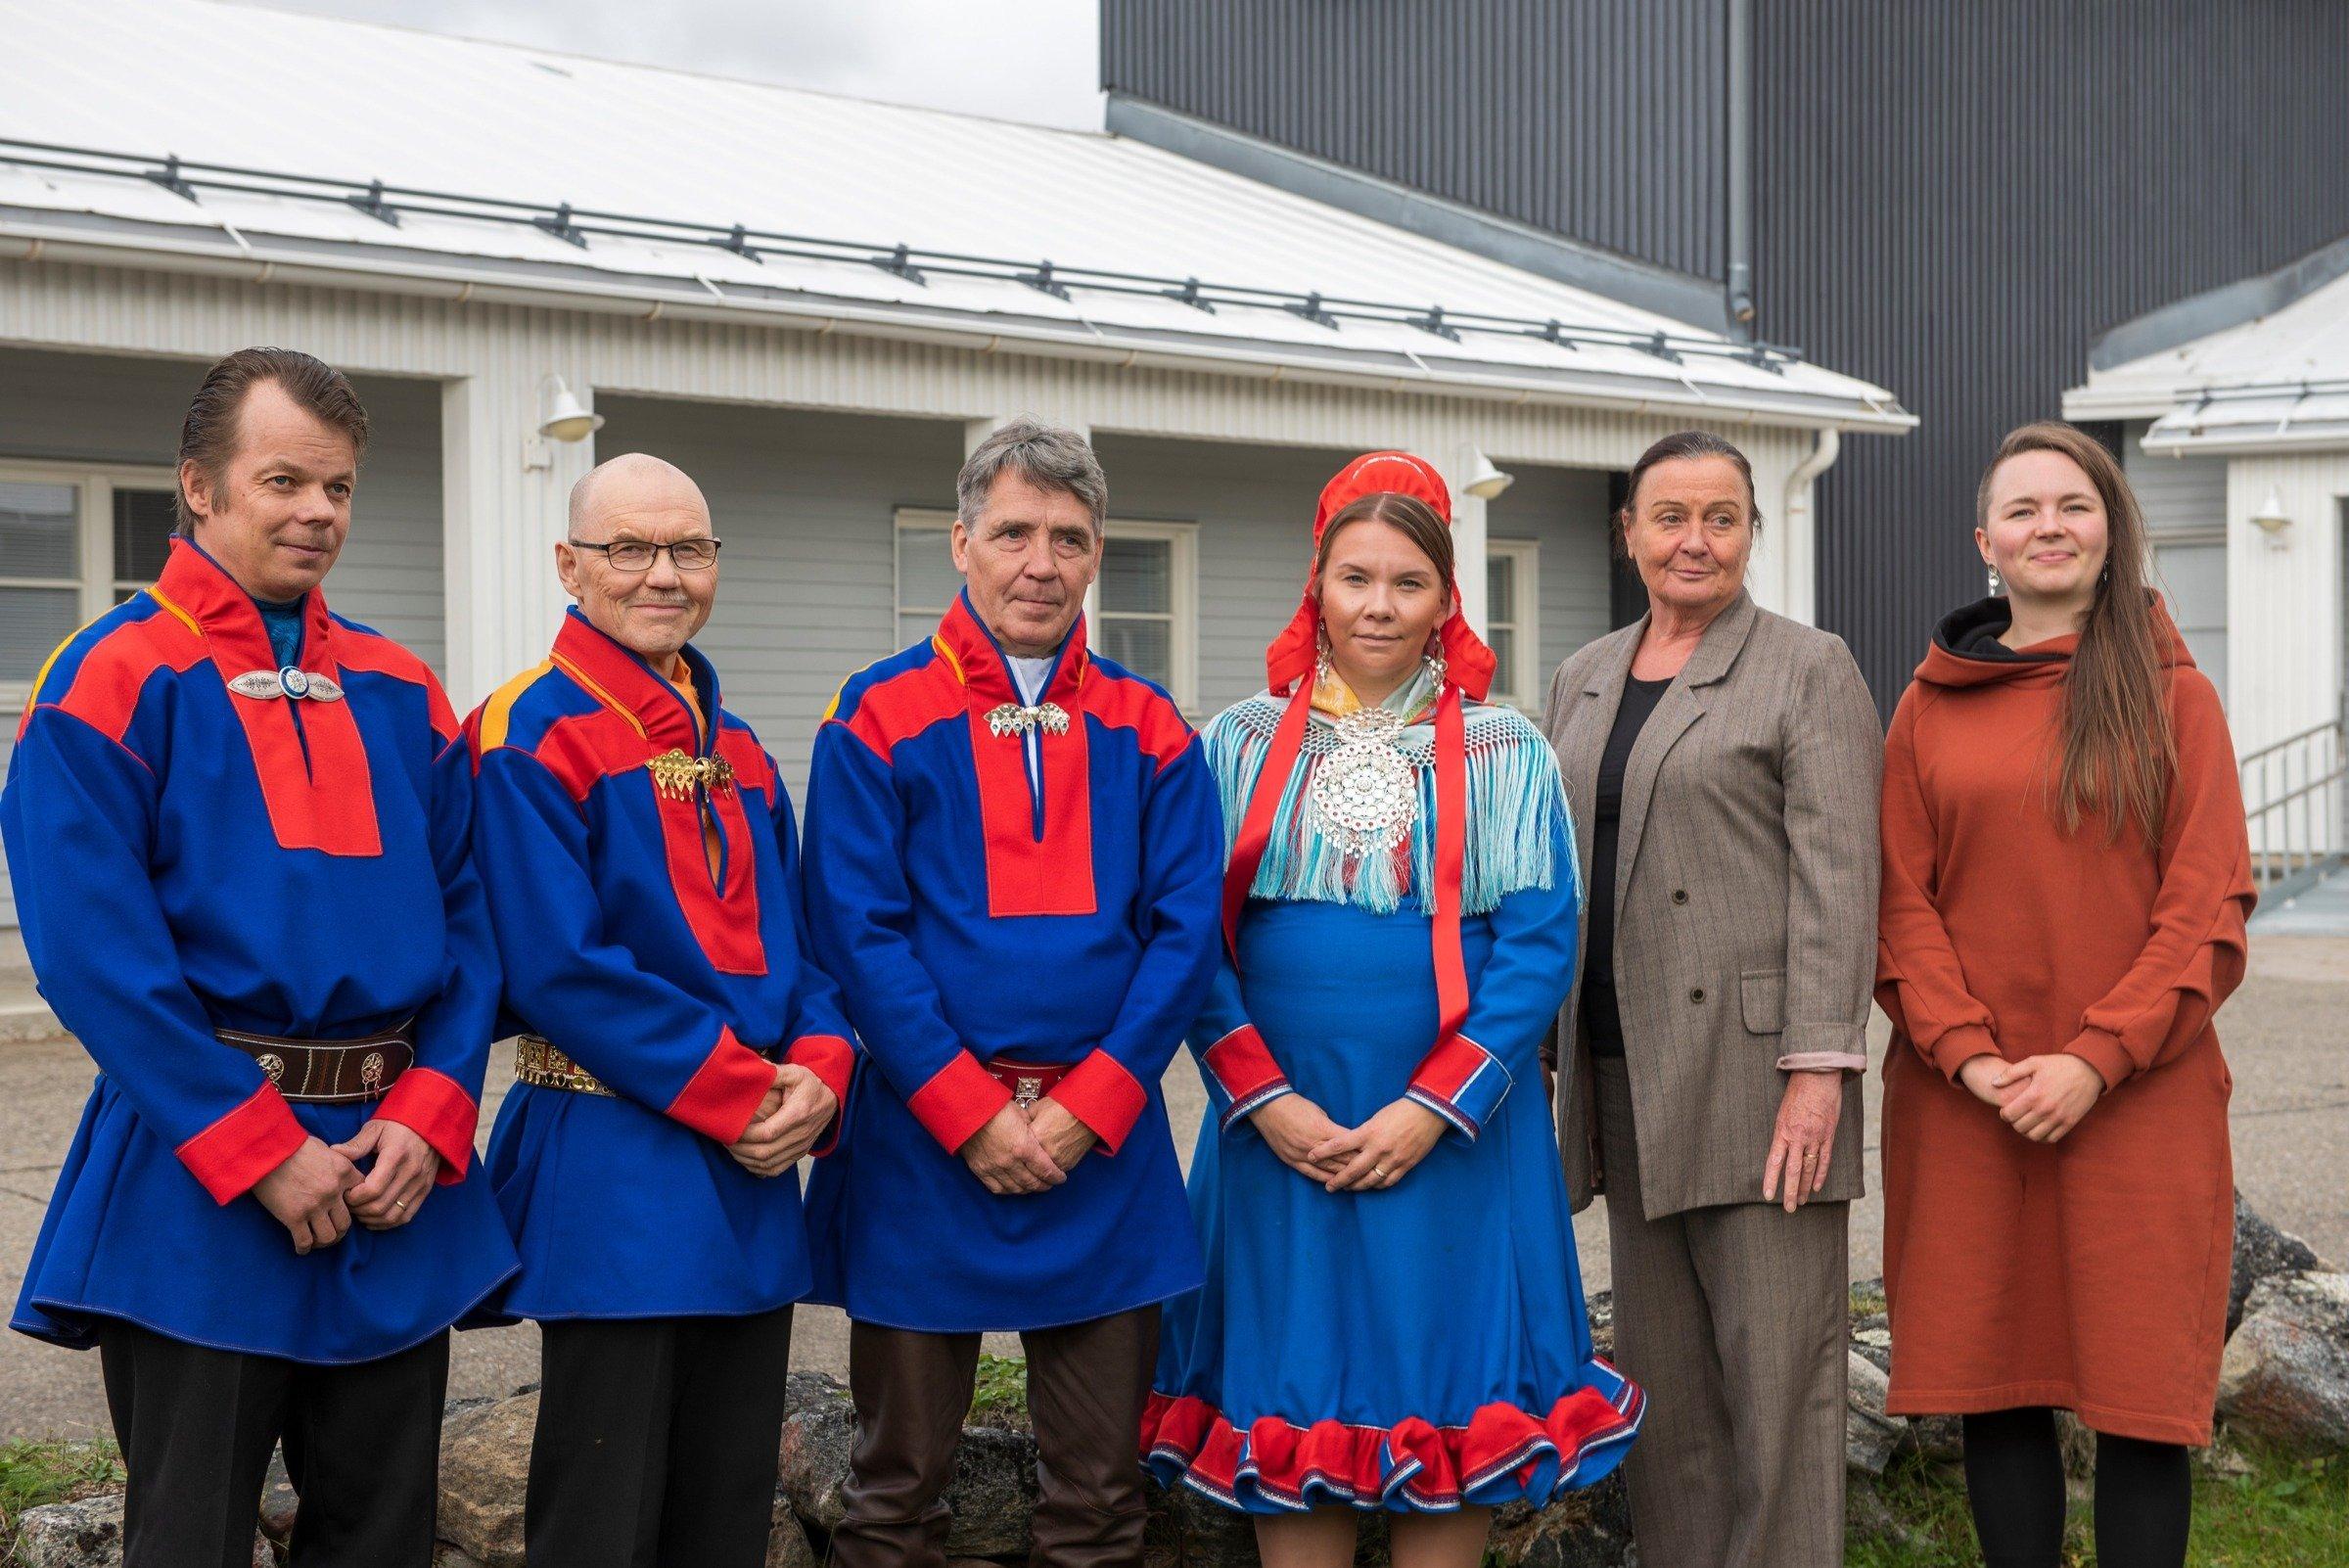 Utsjoen kunnanvaltuuston puheenjohtajaksi Uula Tapiola, kunnanhallitusta johtaa Väinö Guttorm 2